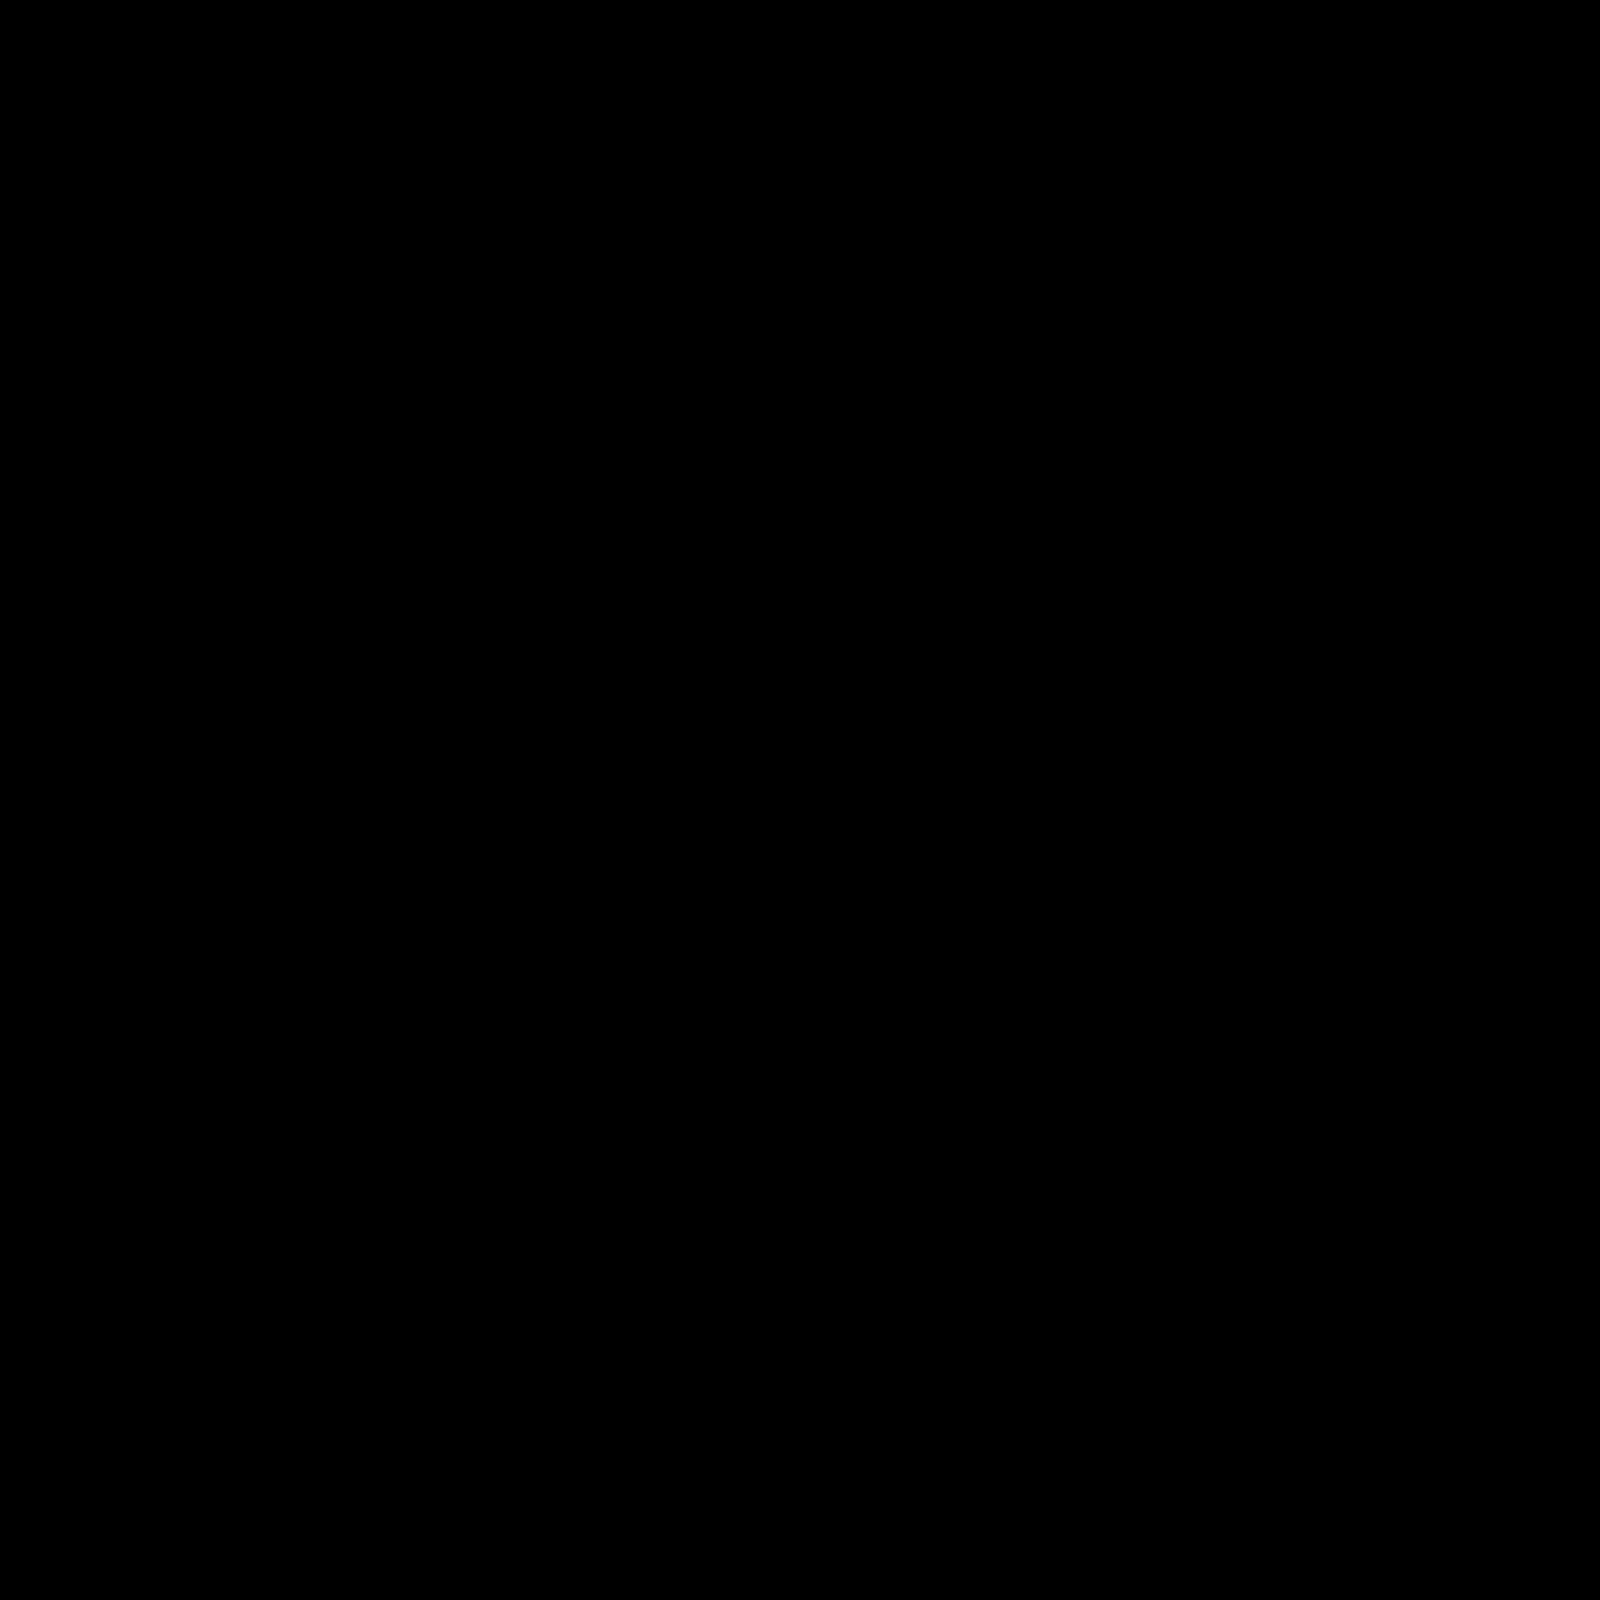 nike-icon-29.jpg